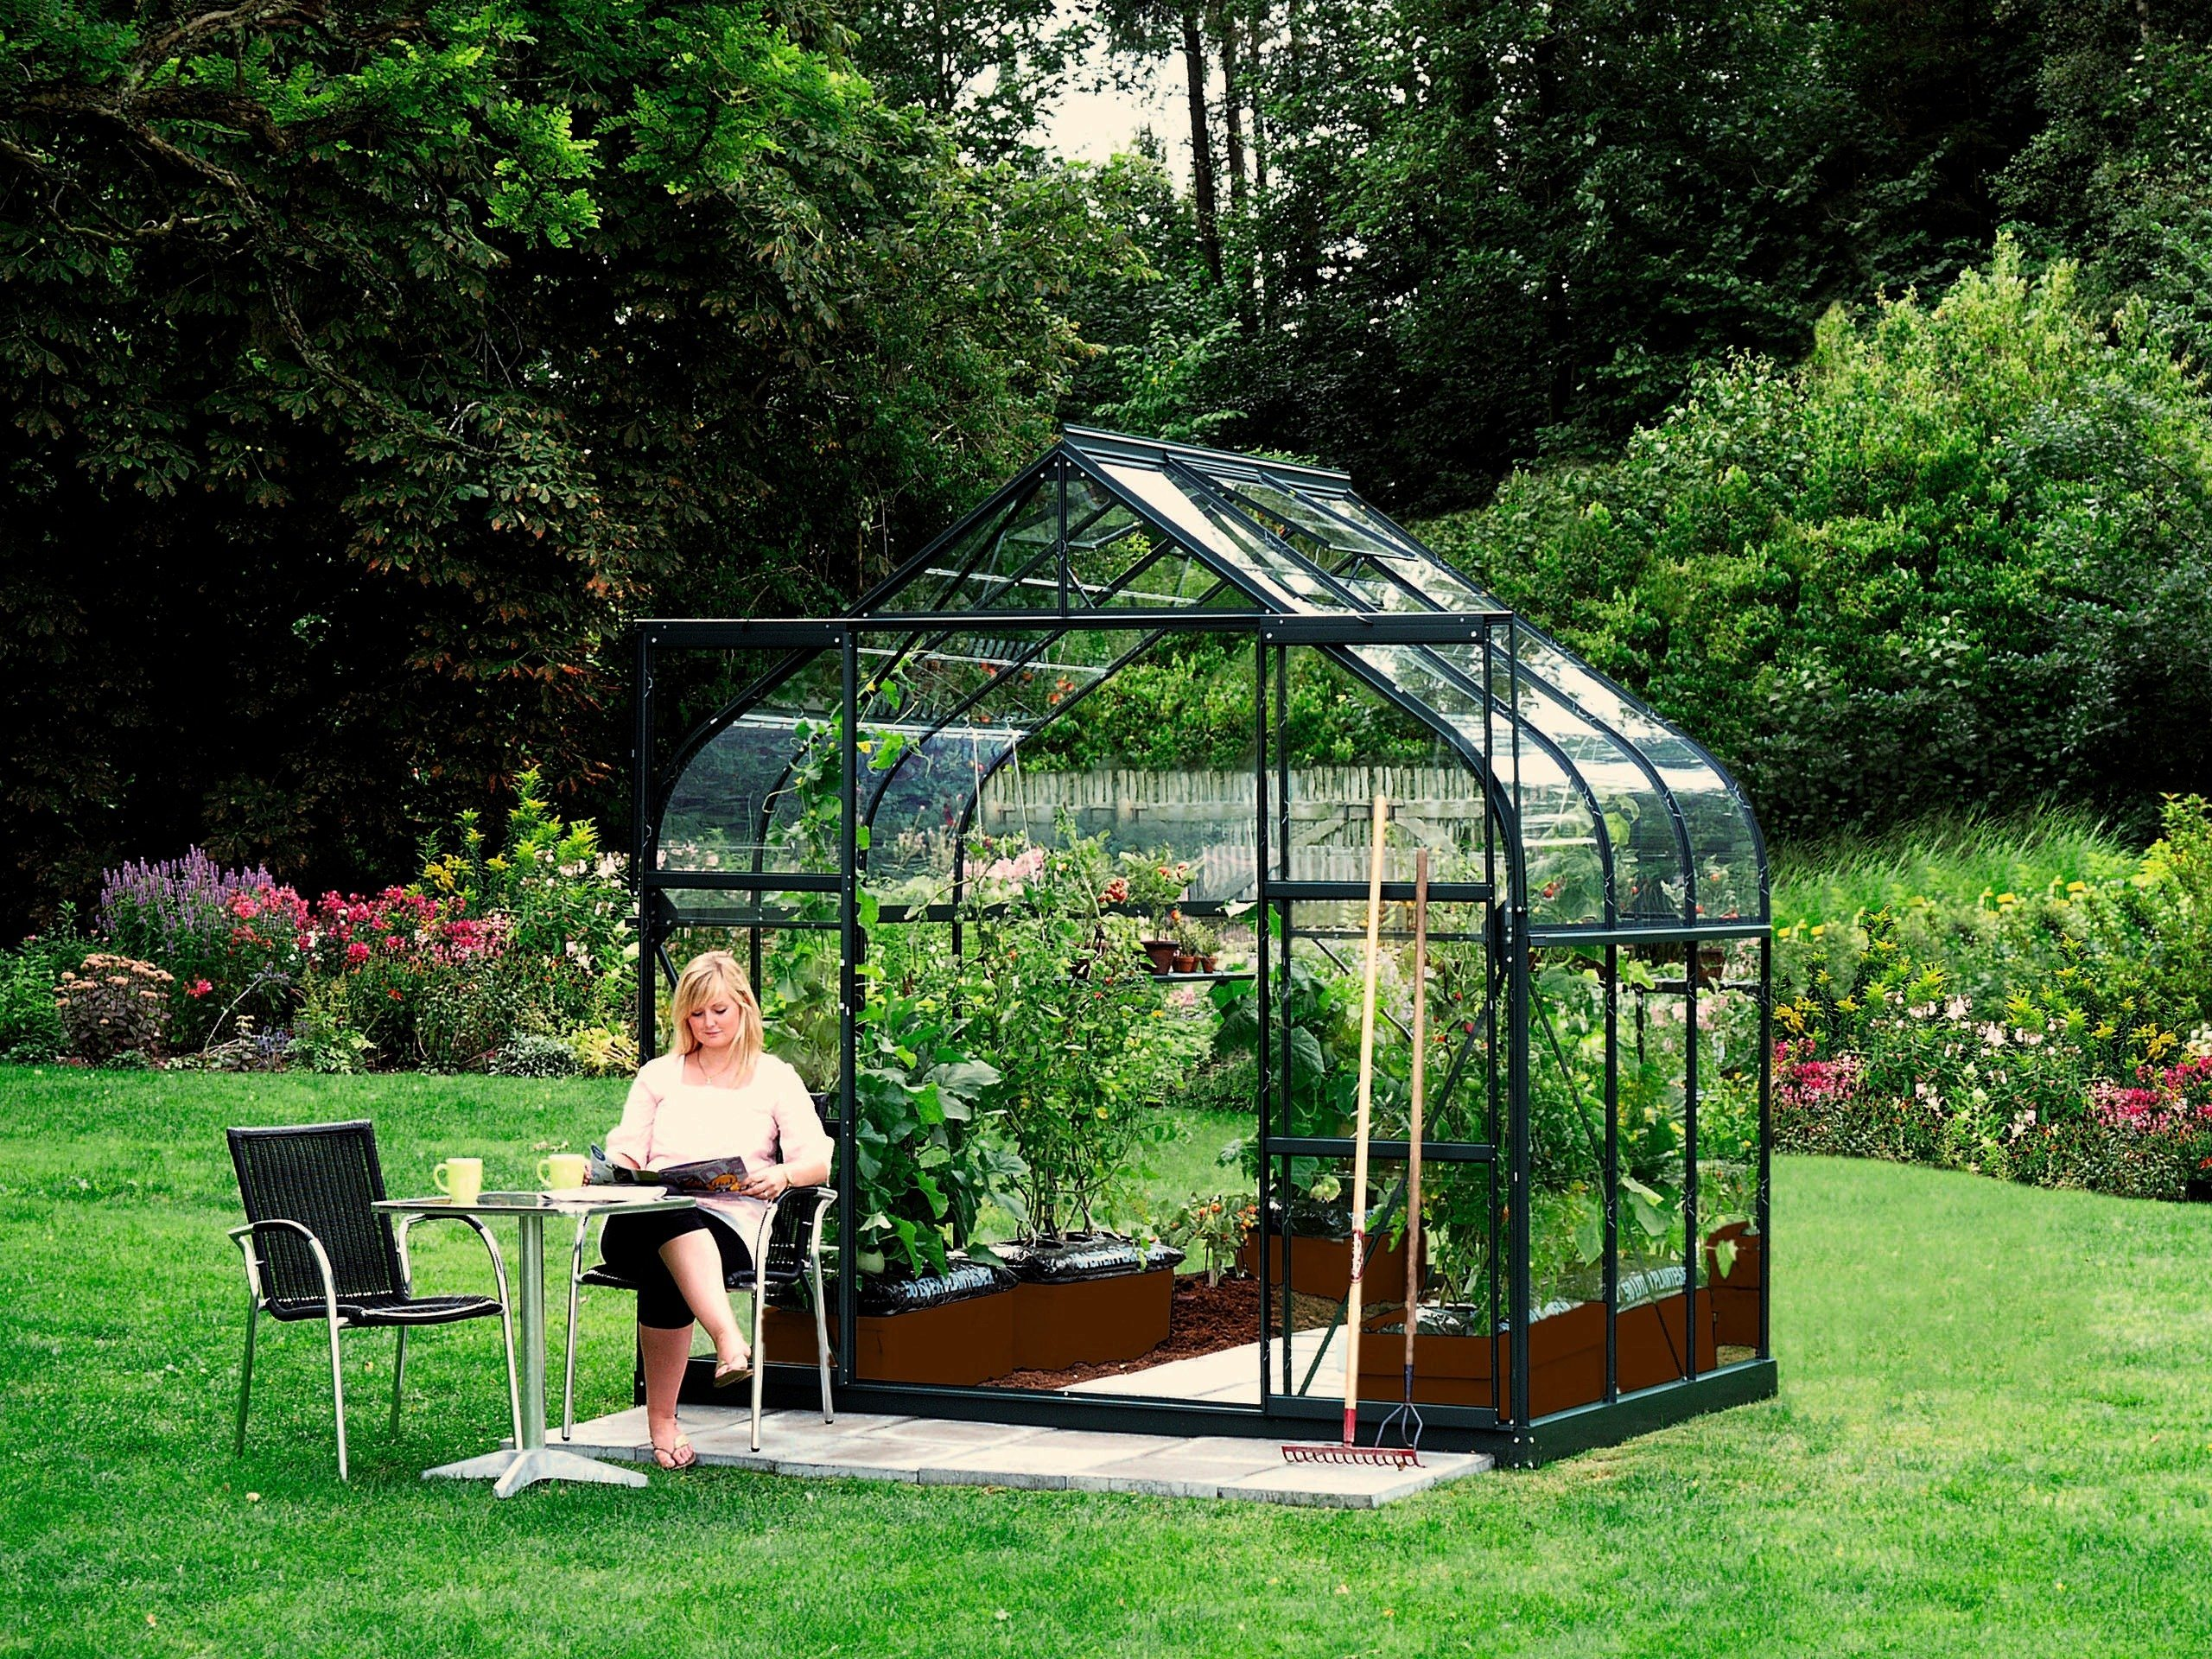 VITAVIA Komplett-Set: Gewächshaus »Diana 5000«, BxTxH: 254x192x255 cm, 3 mm, mit 3-tlg. Zubehör | Garten > Gewächshäuser | Gehärtetes - Glas | Vitavia